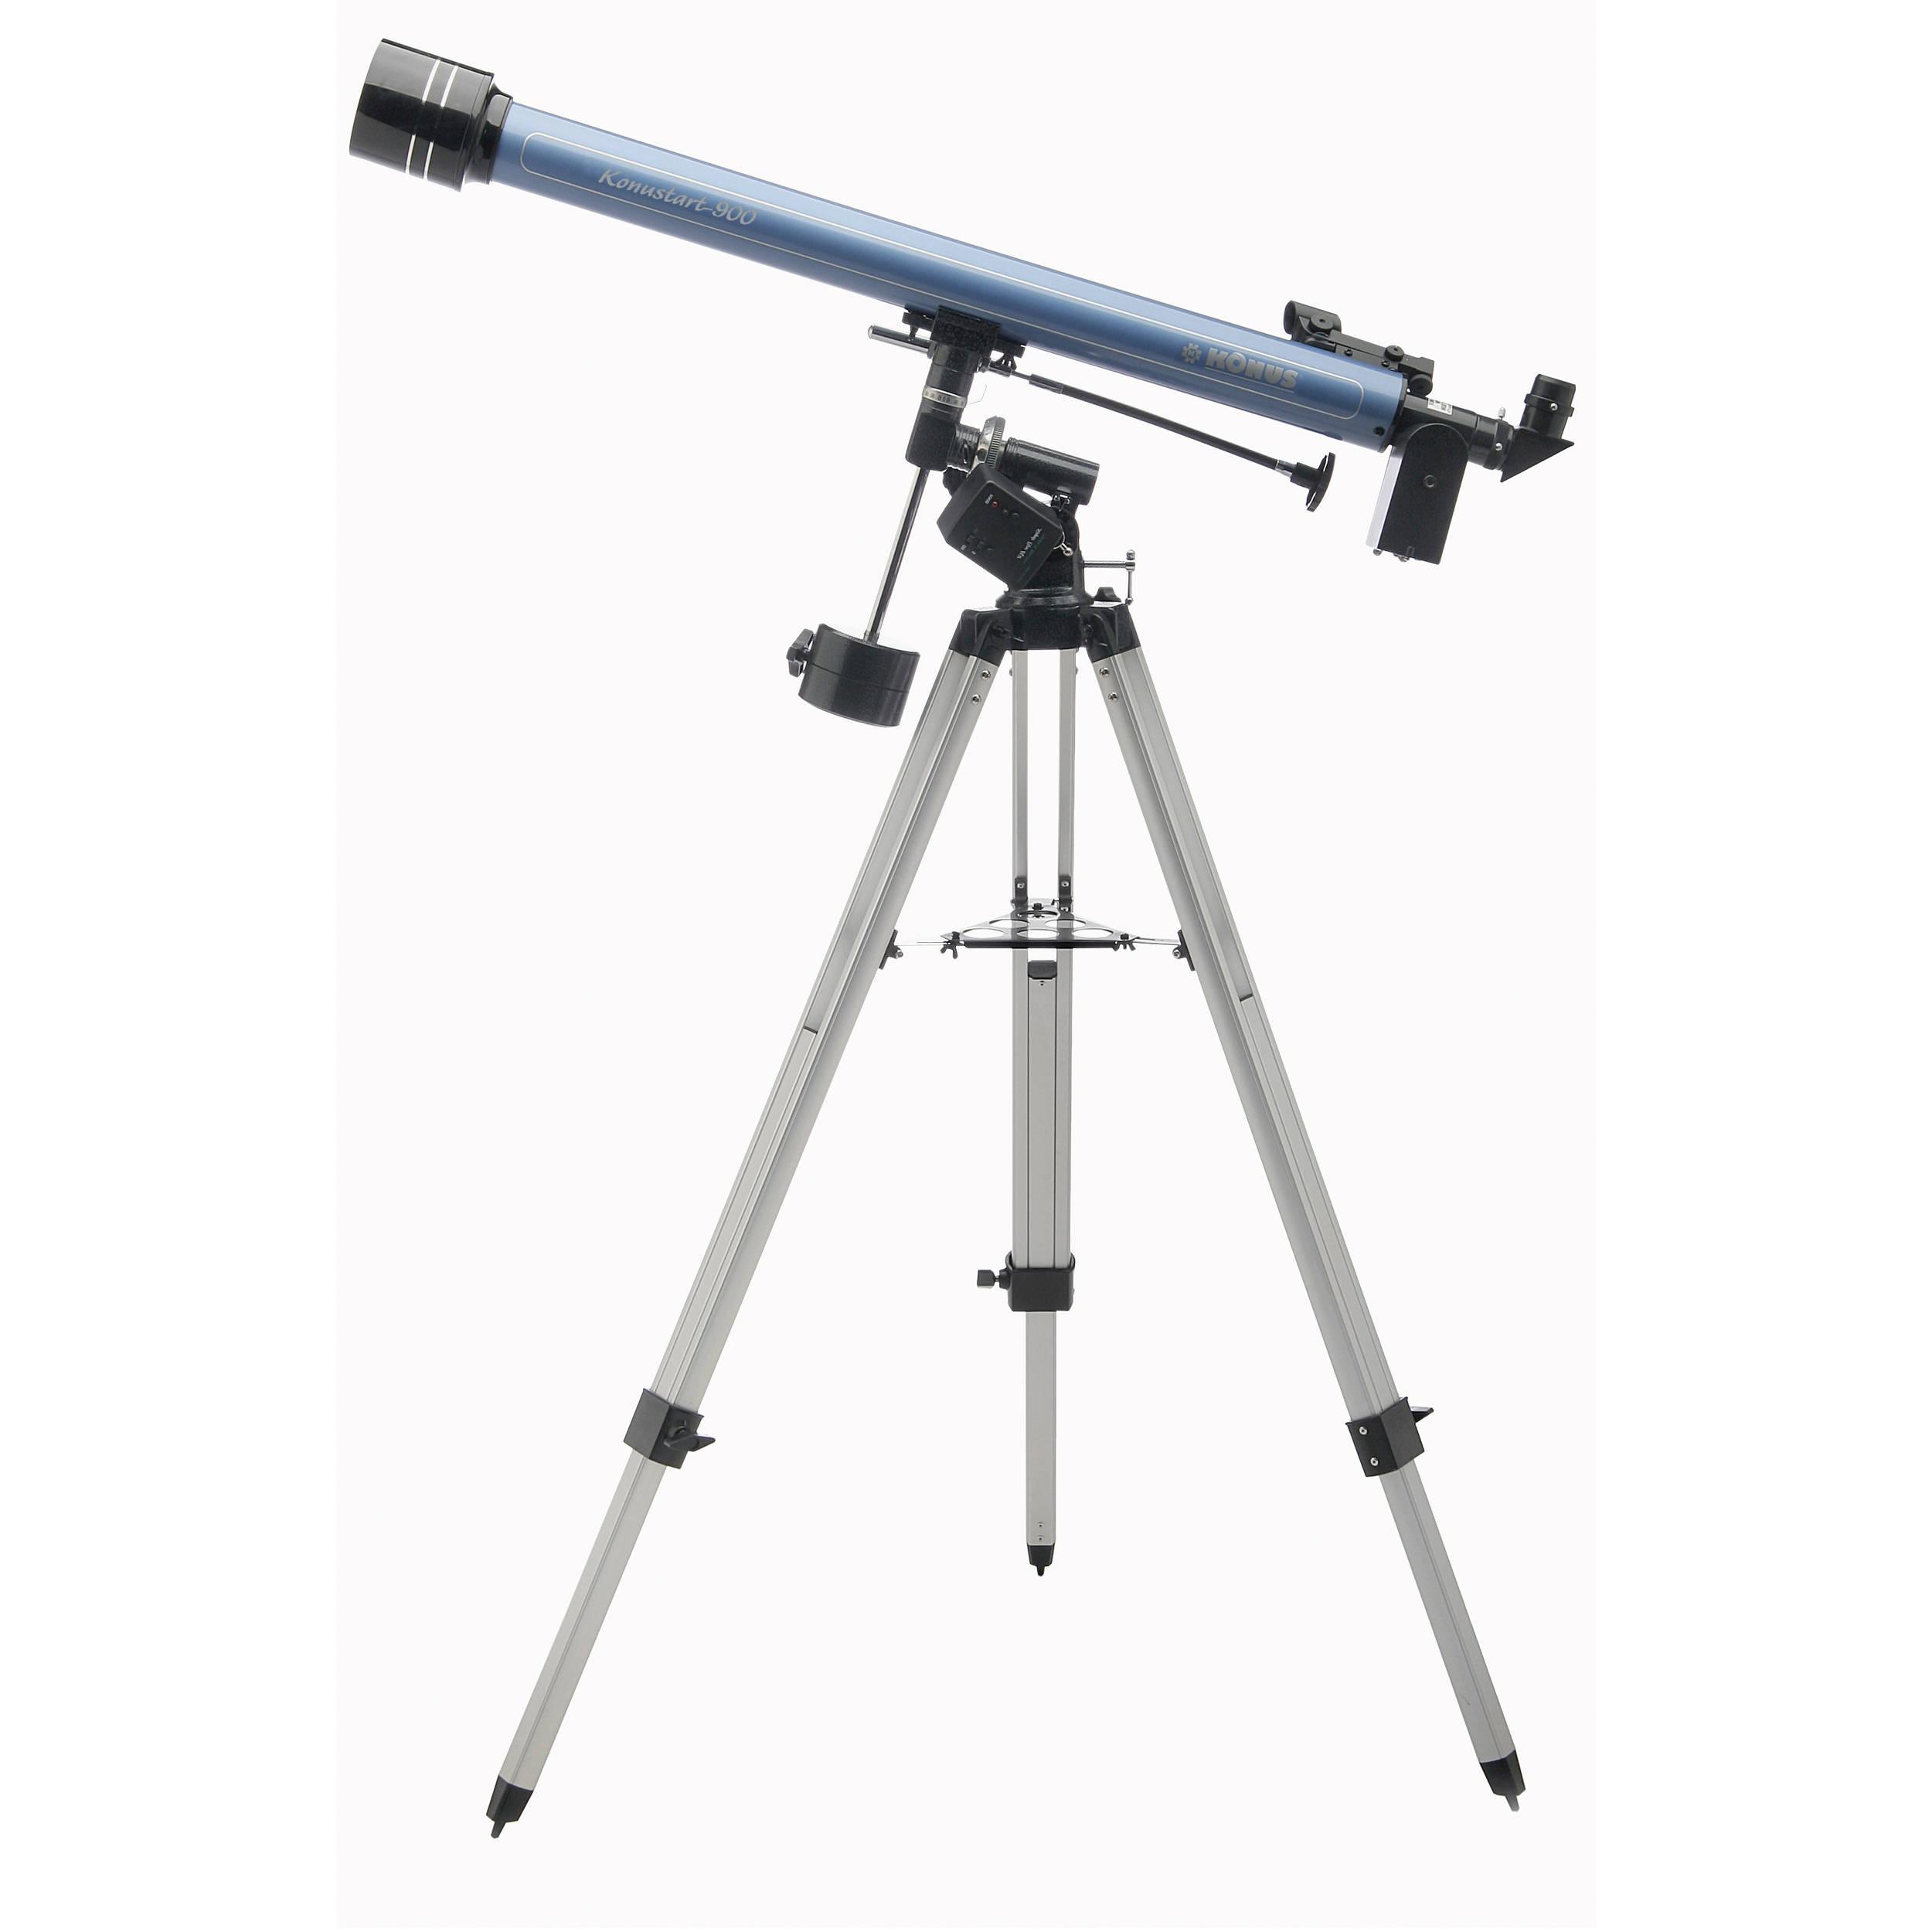 Konus Konustart-900 60mm f/15 Refractor Telescope 1741 V2 B&H